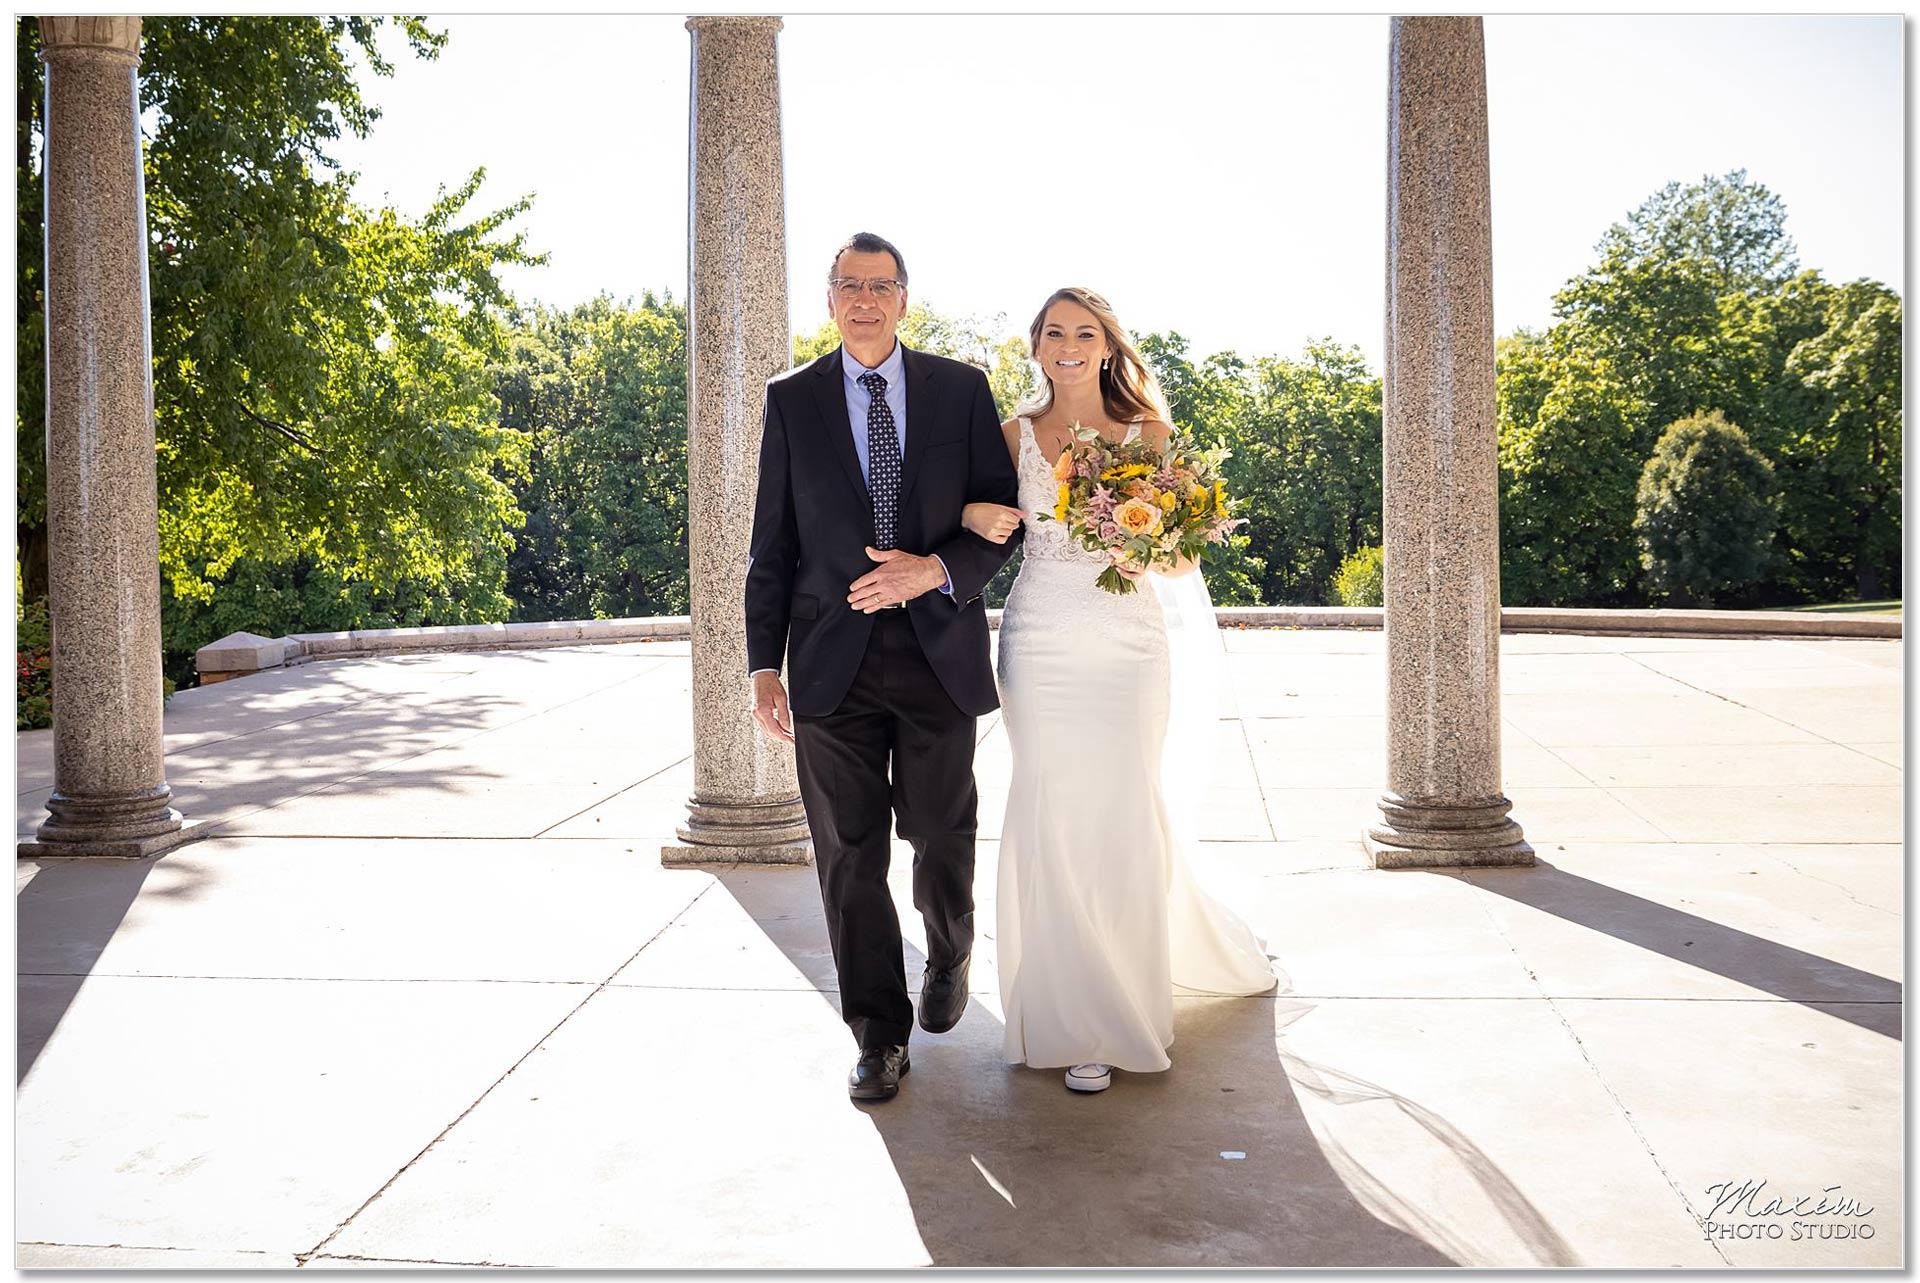 Mt. Echo Park Cincinnati Wedding Ceremony entrance